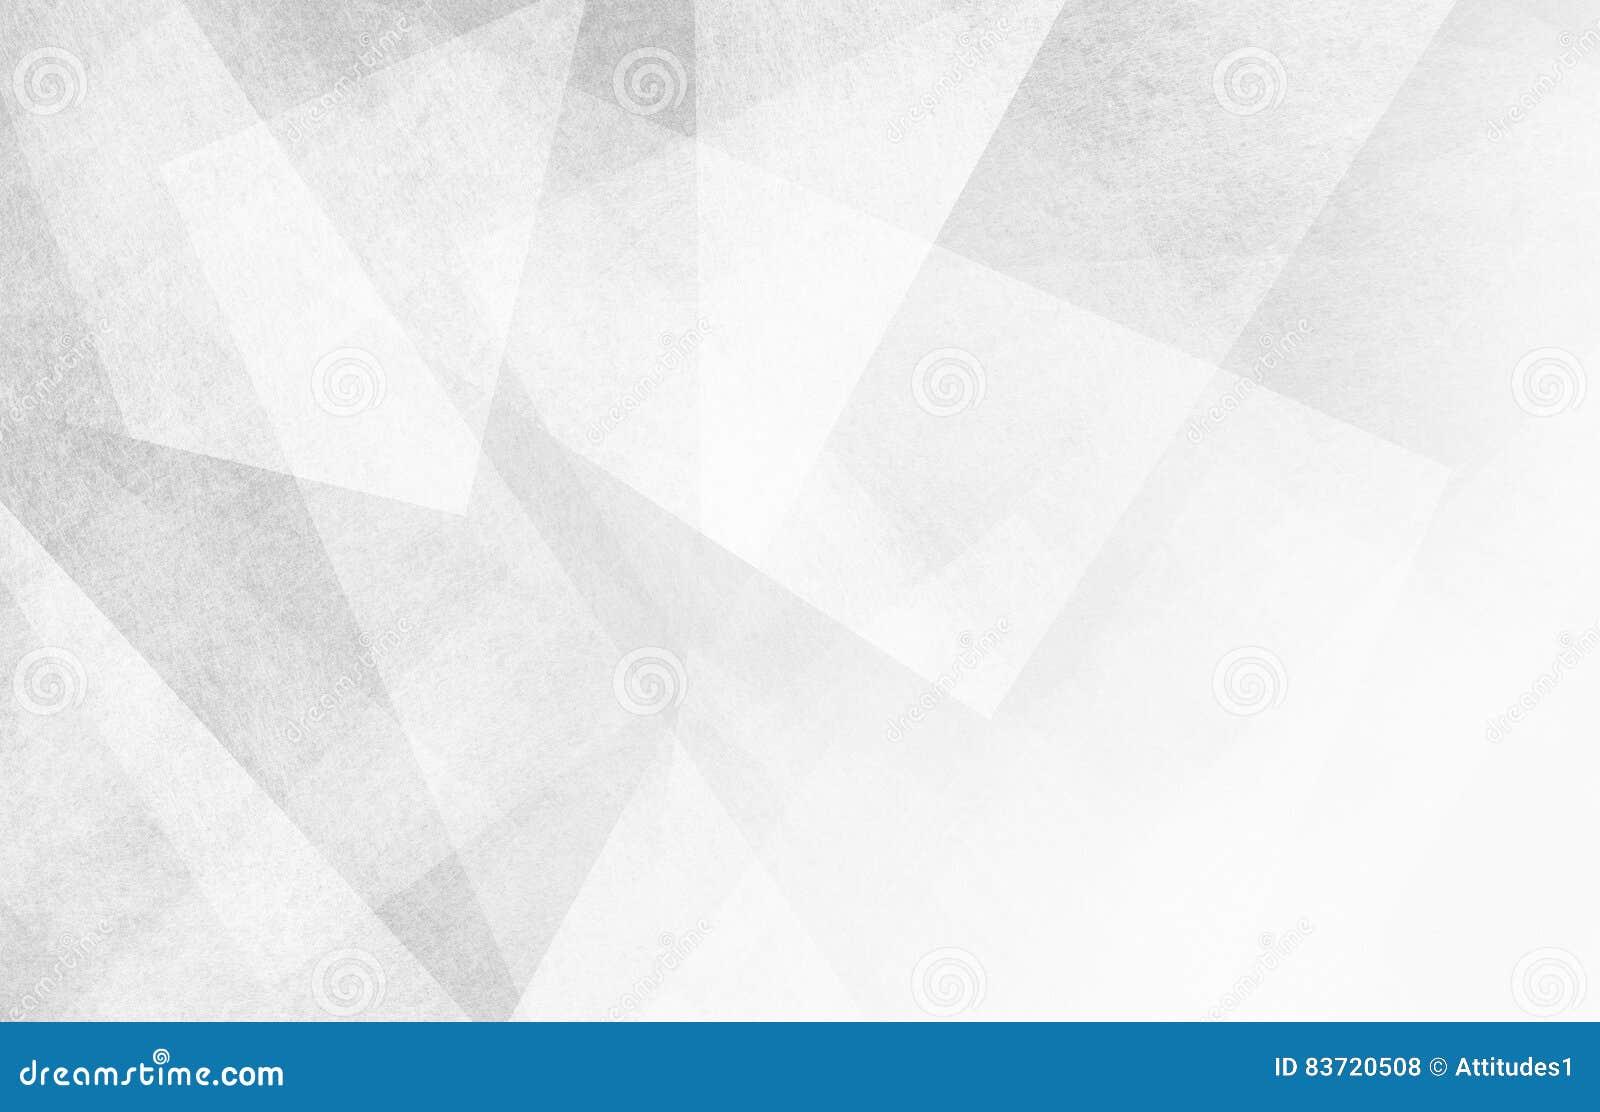 与抽象三角形状和角度的白色和灰色背景